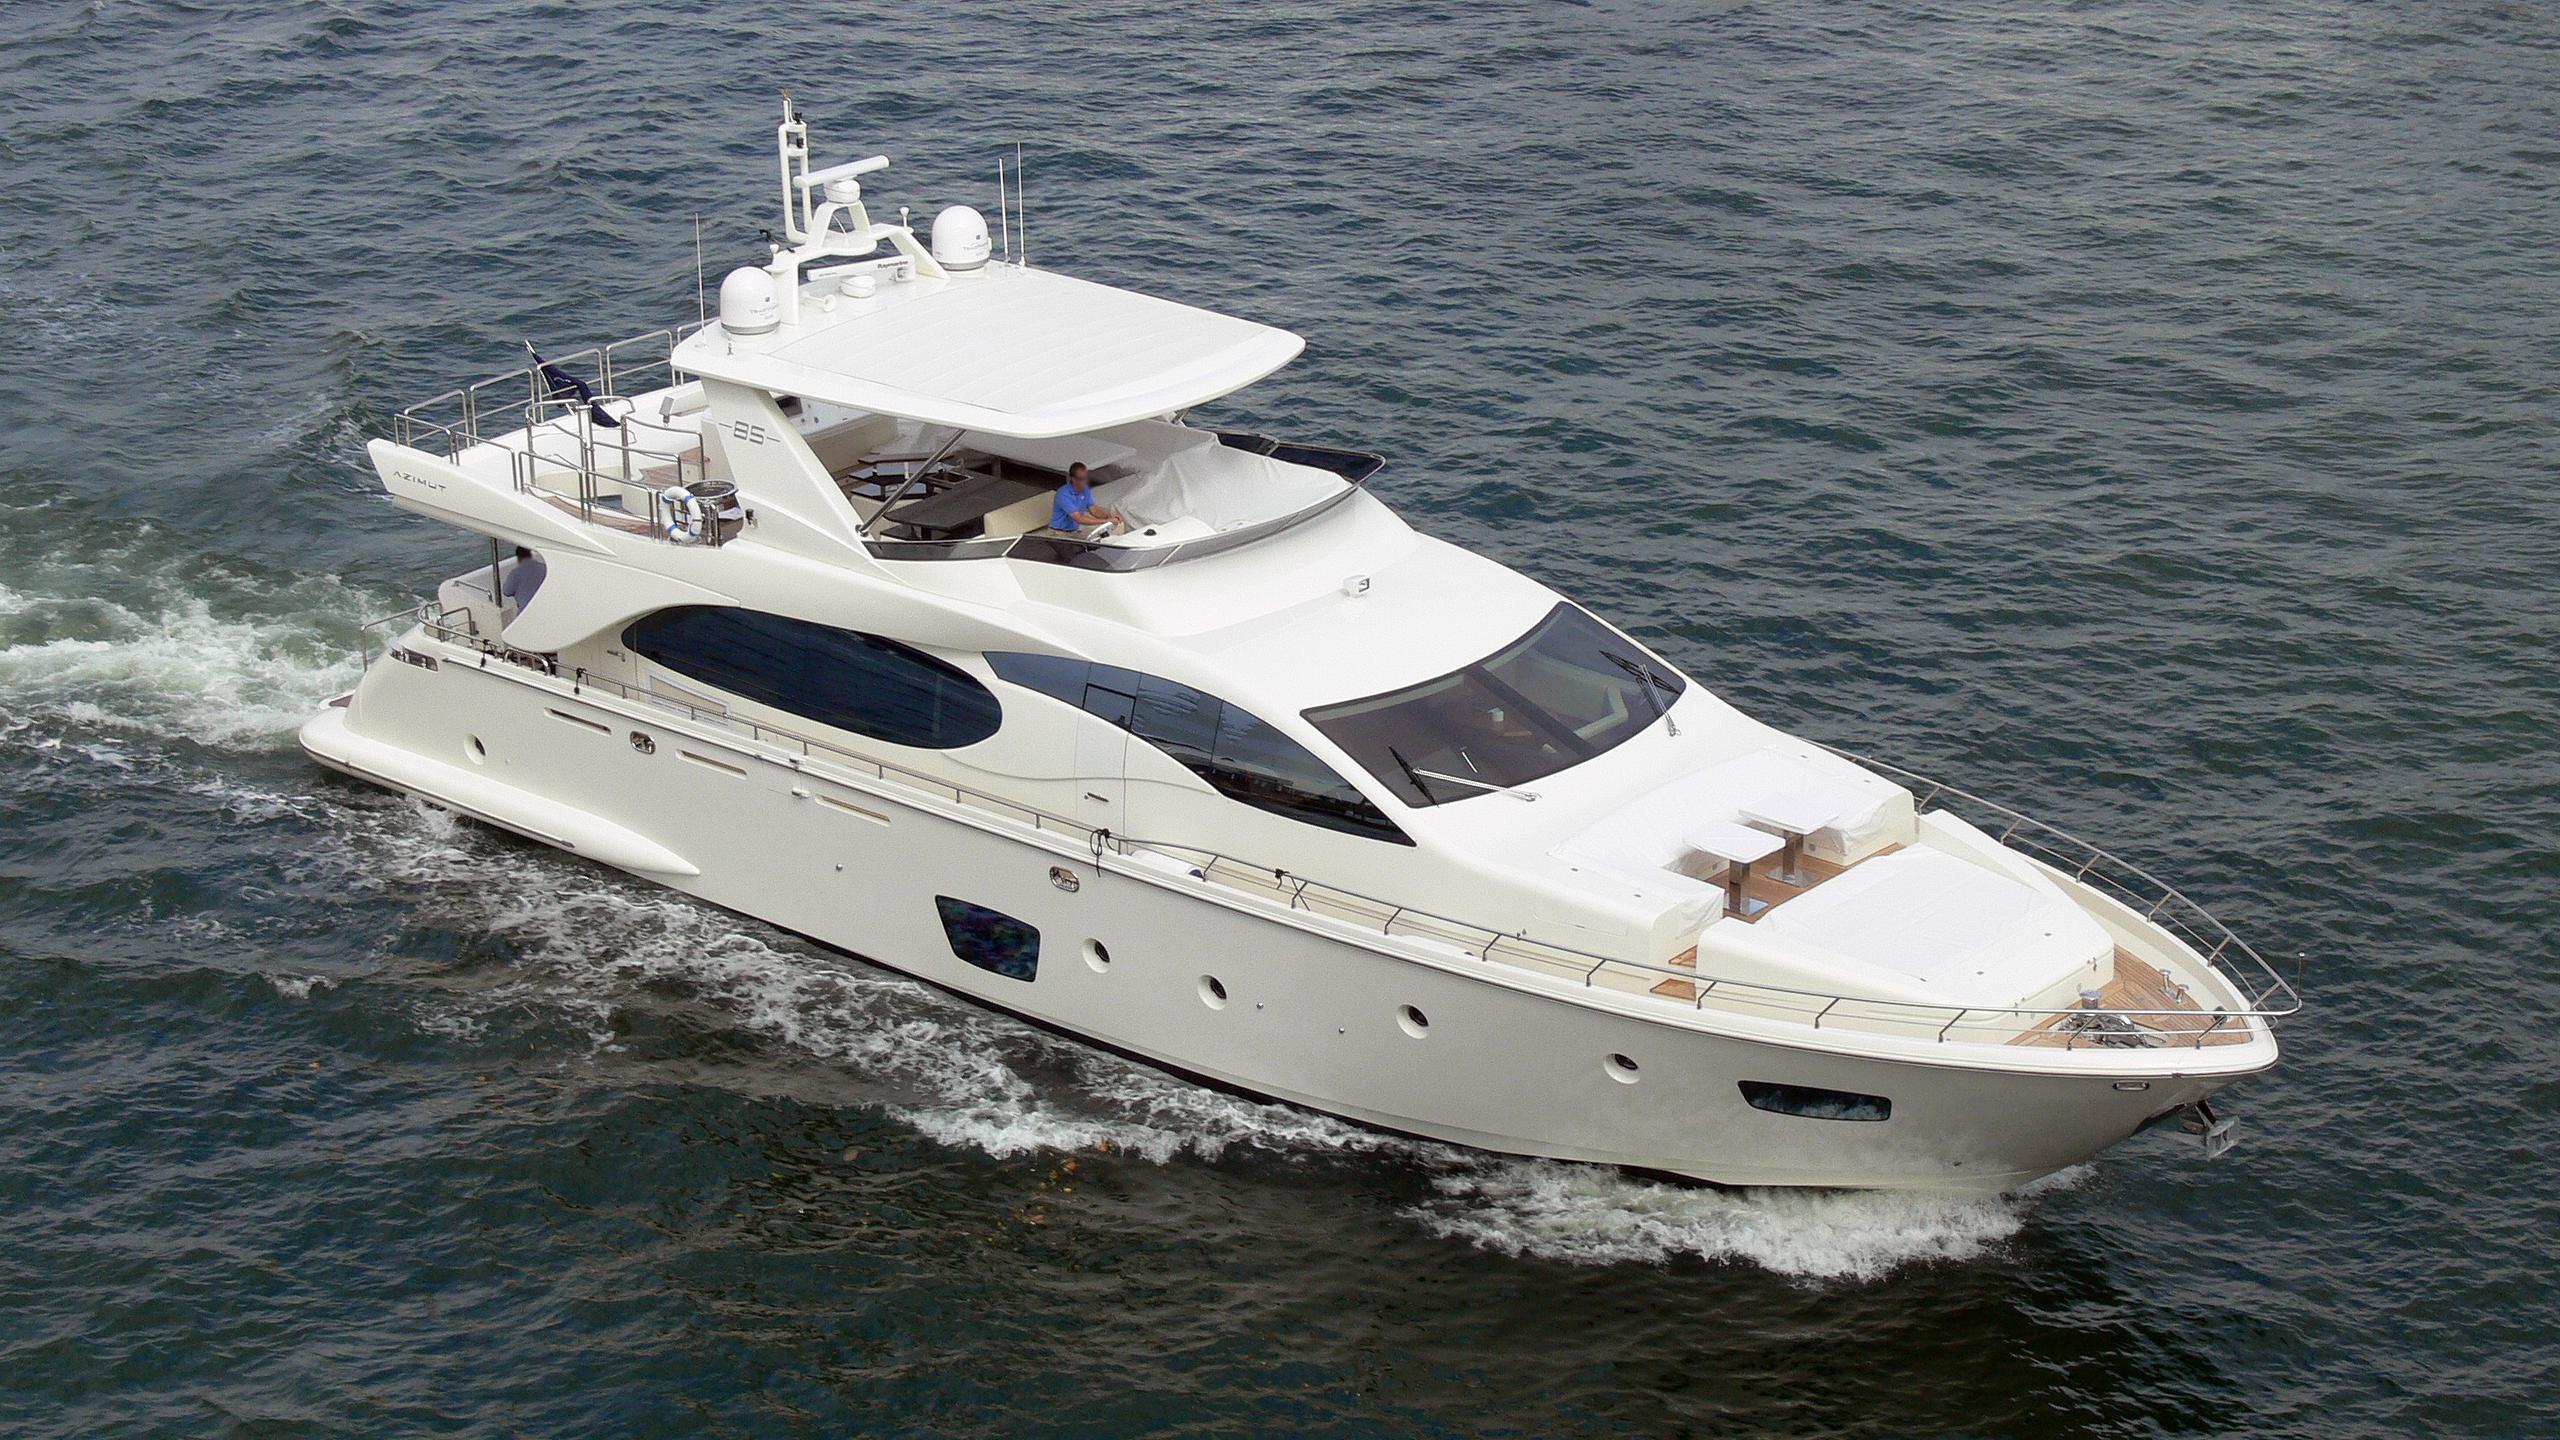 azimut-az-85-114-motor-yacht-2006-27m-aerial